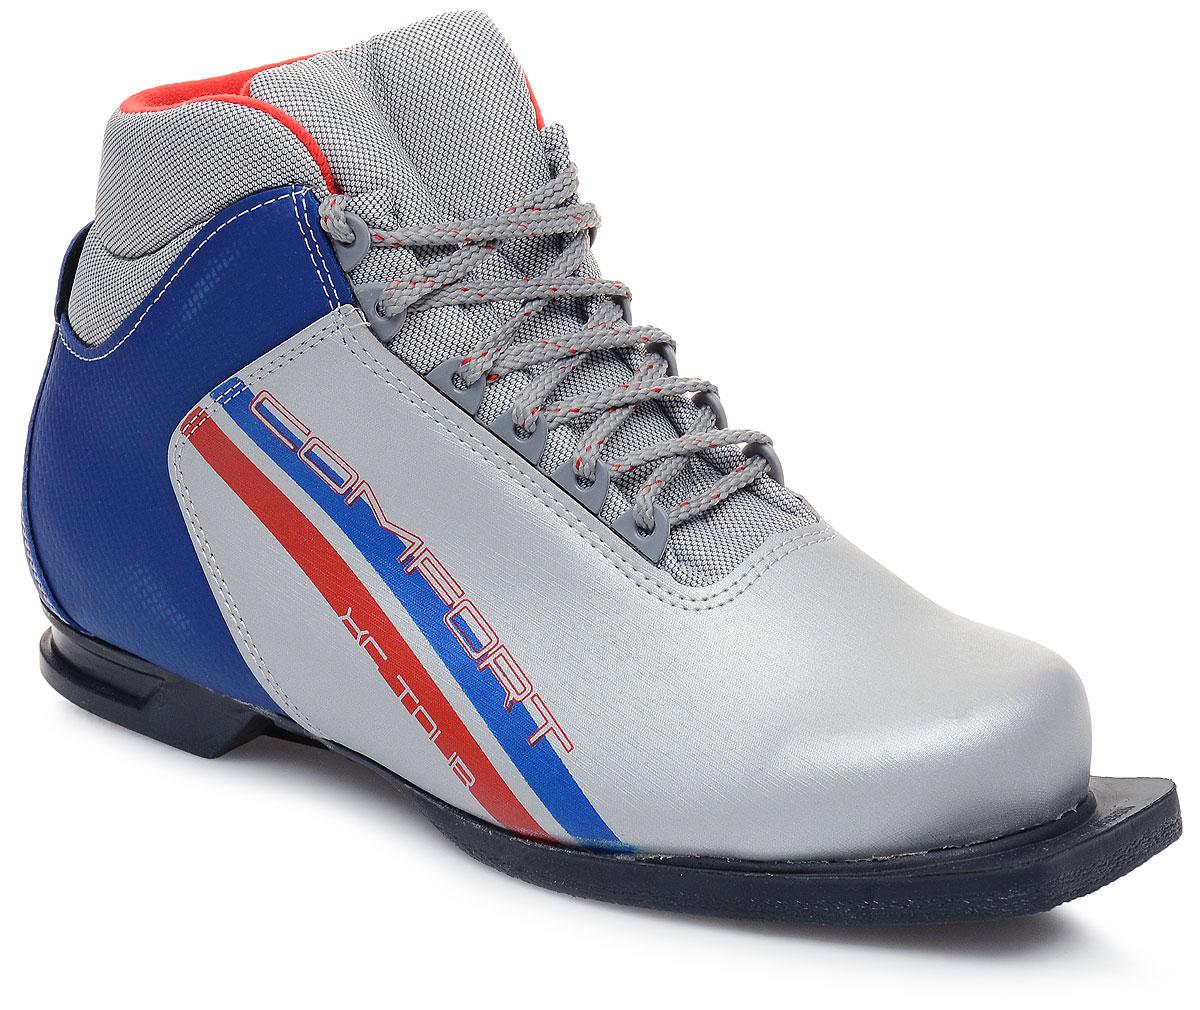 Ботинки лыжные Marax, цвет: серебристый, синий, черный. М350. Размер 44М350_серебряный, синий, красный_44Лыжные ботинки Marax предназначены для активного отдыха. Модельизготовлена из морозостойкой искусственной кожи и текстиля. Подкладка выполнена из искусственного меха и флиса, благодаря чему ваши ноги всегда будут в тепле. Шерстяная стелька комфортна при беге. Вставка на заднике обеспечивает дополнительную жесткость, позволяя дольше сохранять первоначальную форму ботинка и предотвращать натирание стопы. Ботинки снабжены шнуровкой с пластиковыми петлями и язычком-клапаном, который защищает от попадания снега и влаги. Подошва системы 75 мм из двухкомпонентной резины является надежной и весьма простой системой крепежа и позволяет безбоязненно использовать ботинокдо -25°С. В таких лыжных ботинках вам будет комфортно и уютно.